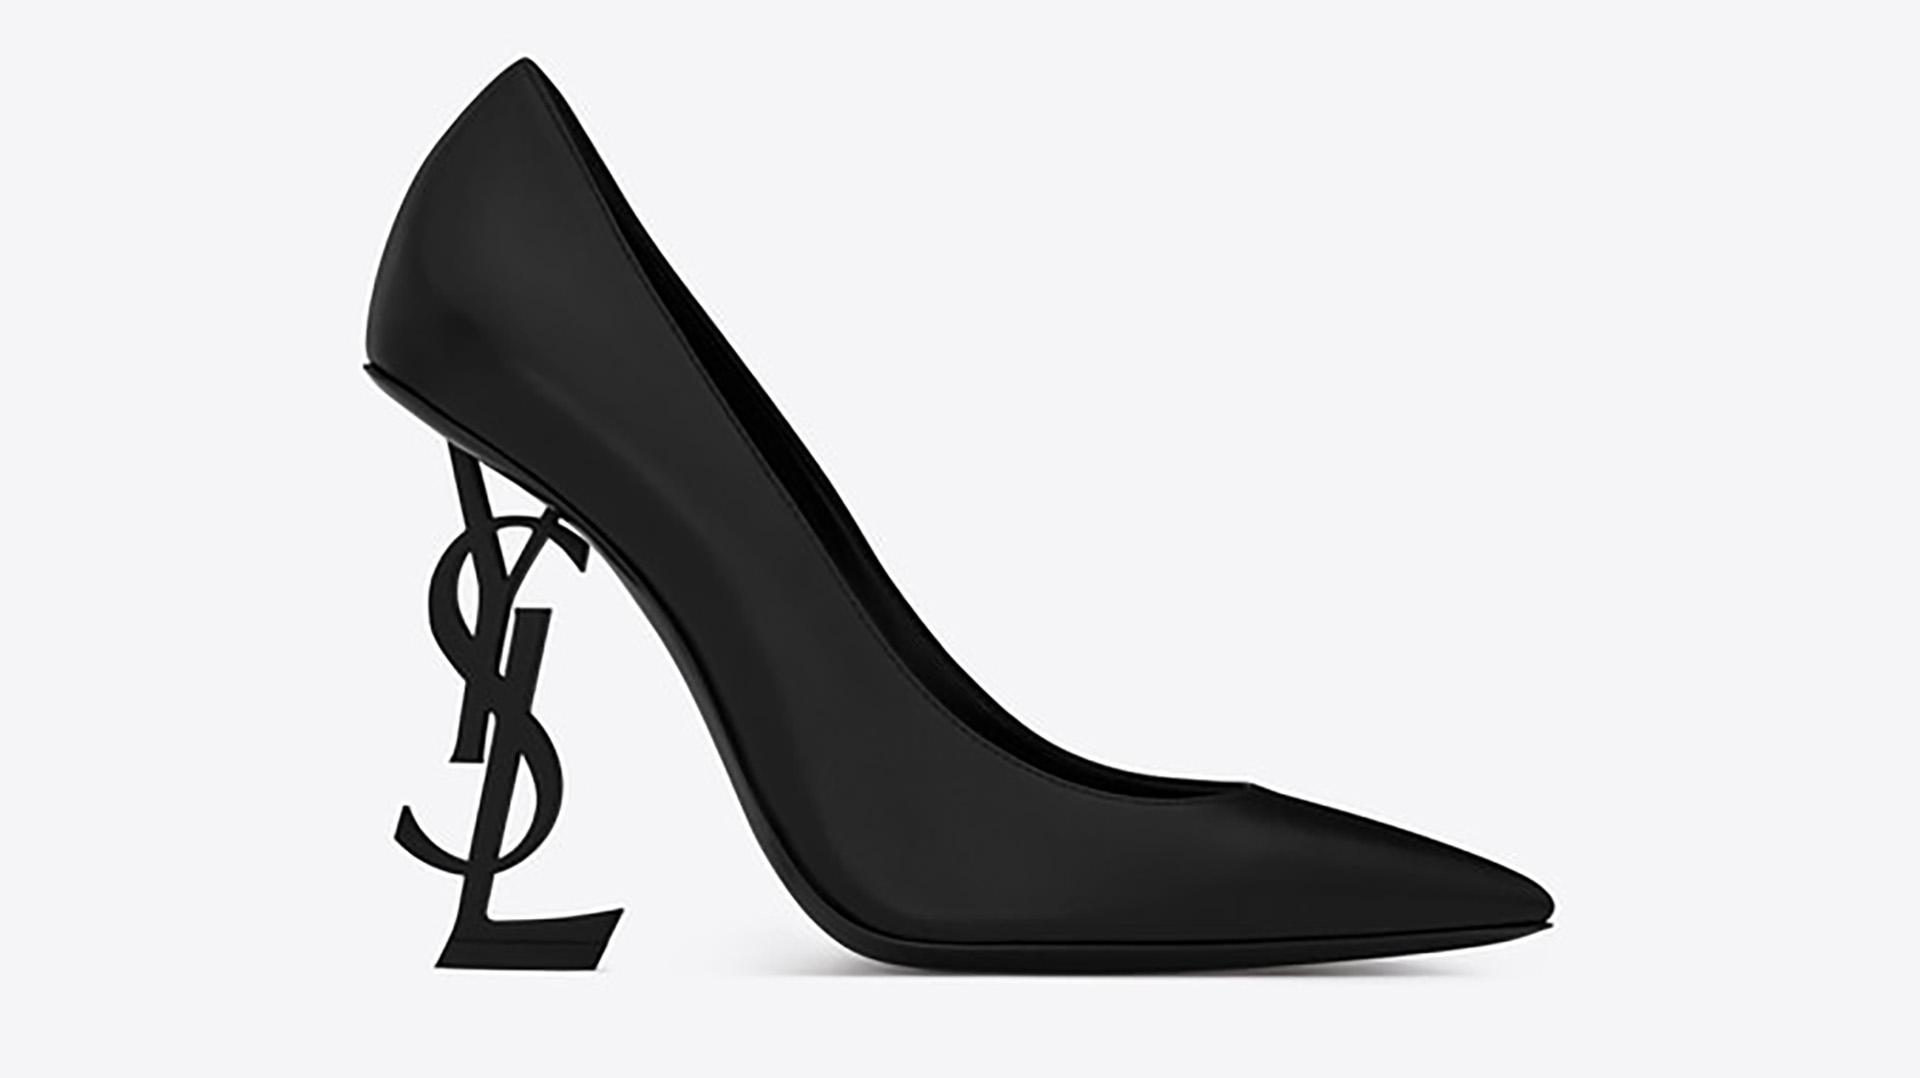 Aunque estos son uno de los diseños más recientes de Saint Laurent, identifican a la marca por su originalidad: llevan en su taco las iniciales de la firma realizadas en metal. De cuero y fabricados en Italia, su precio online es de 995 dólares